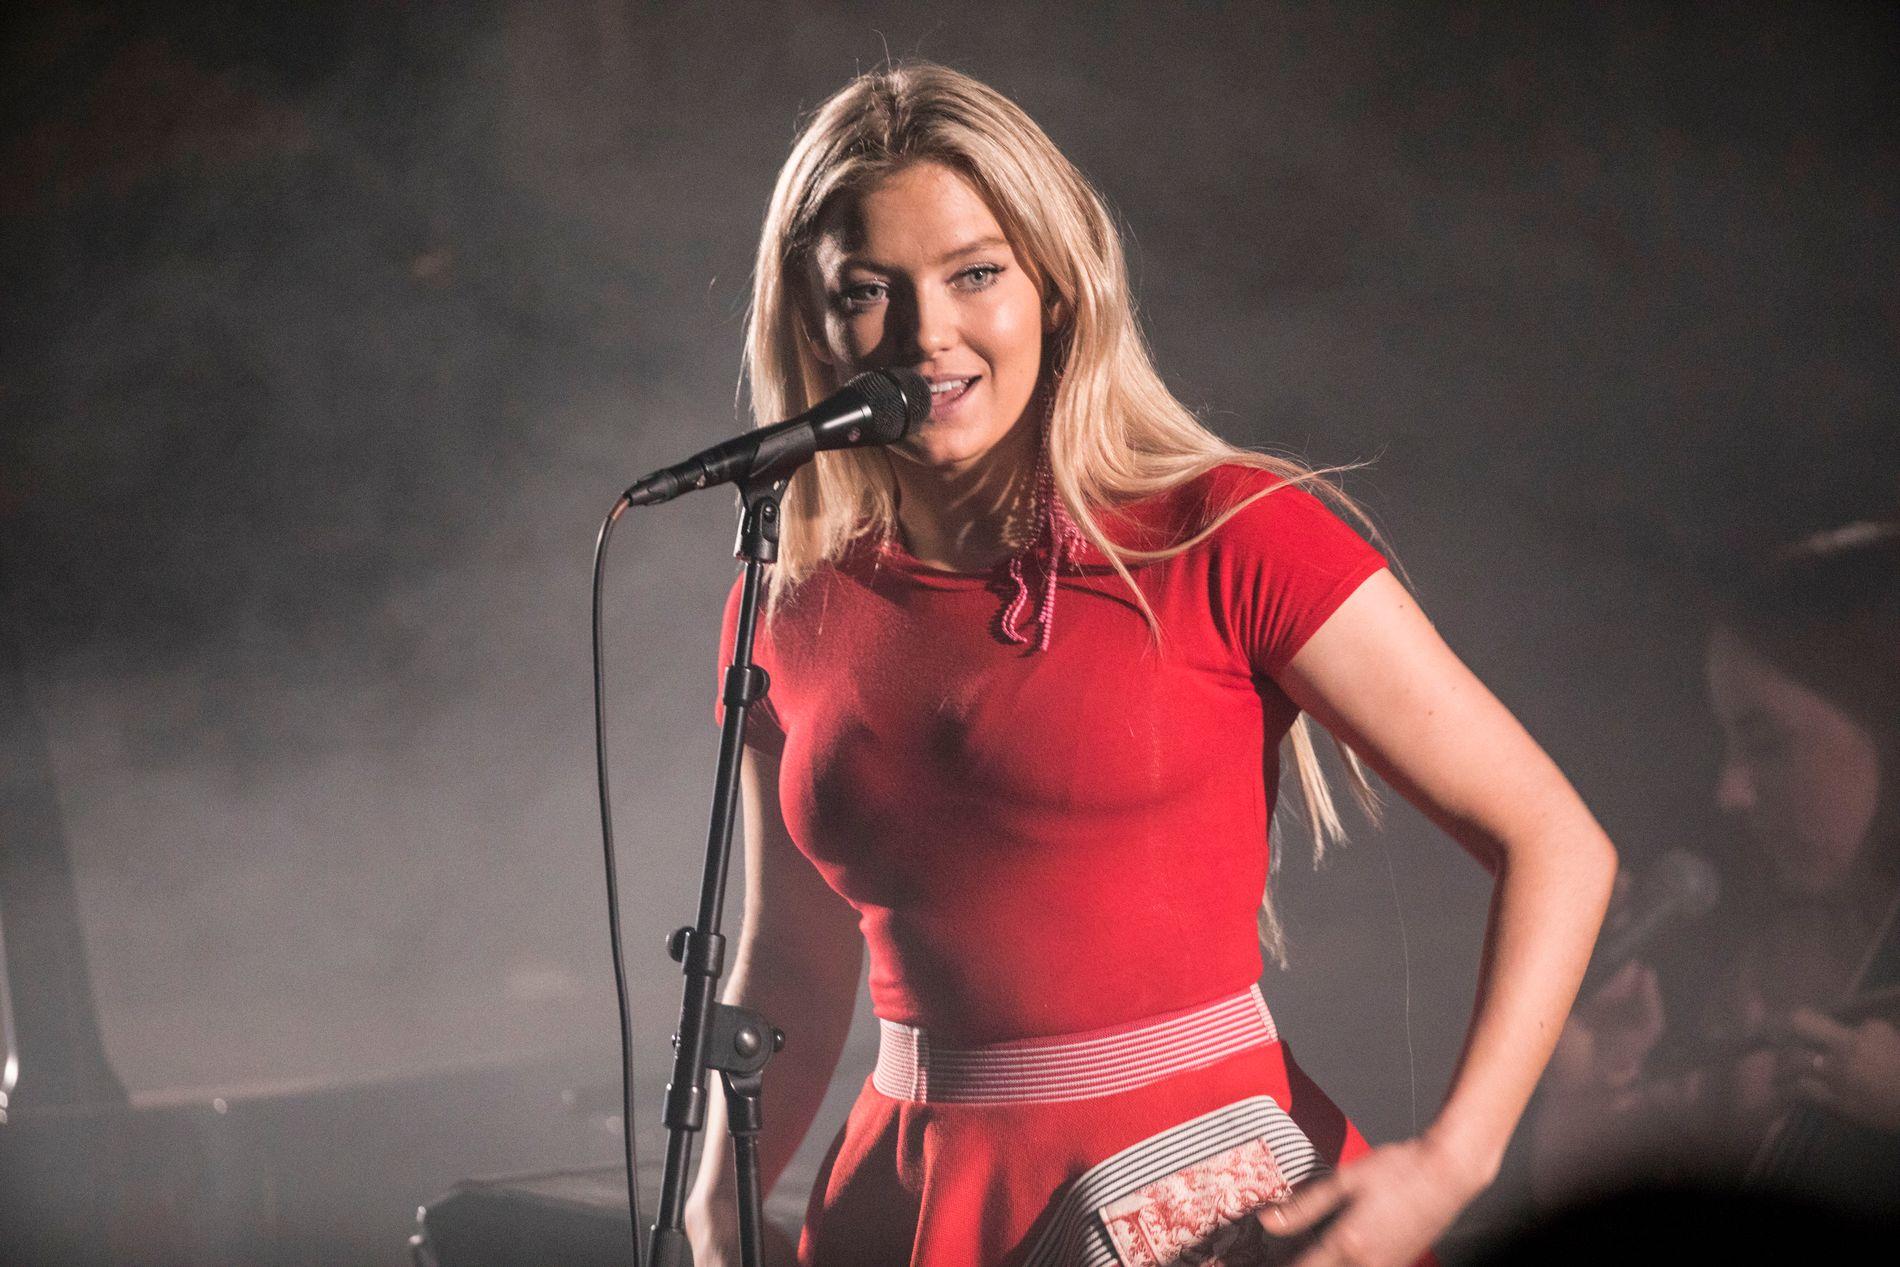 STØRST I 2017: Astrid S hadde sitt store år i 2017 og vant derfor Årets Spellemann sist helg - til mange kommentatorers forferdelse som mente at Susanne Sundfør ble forbigått.